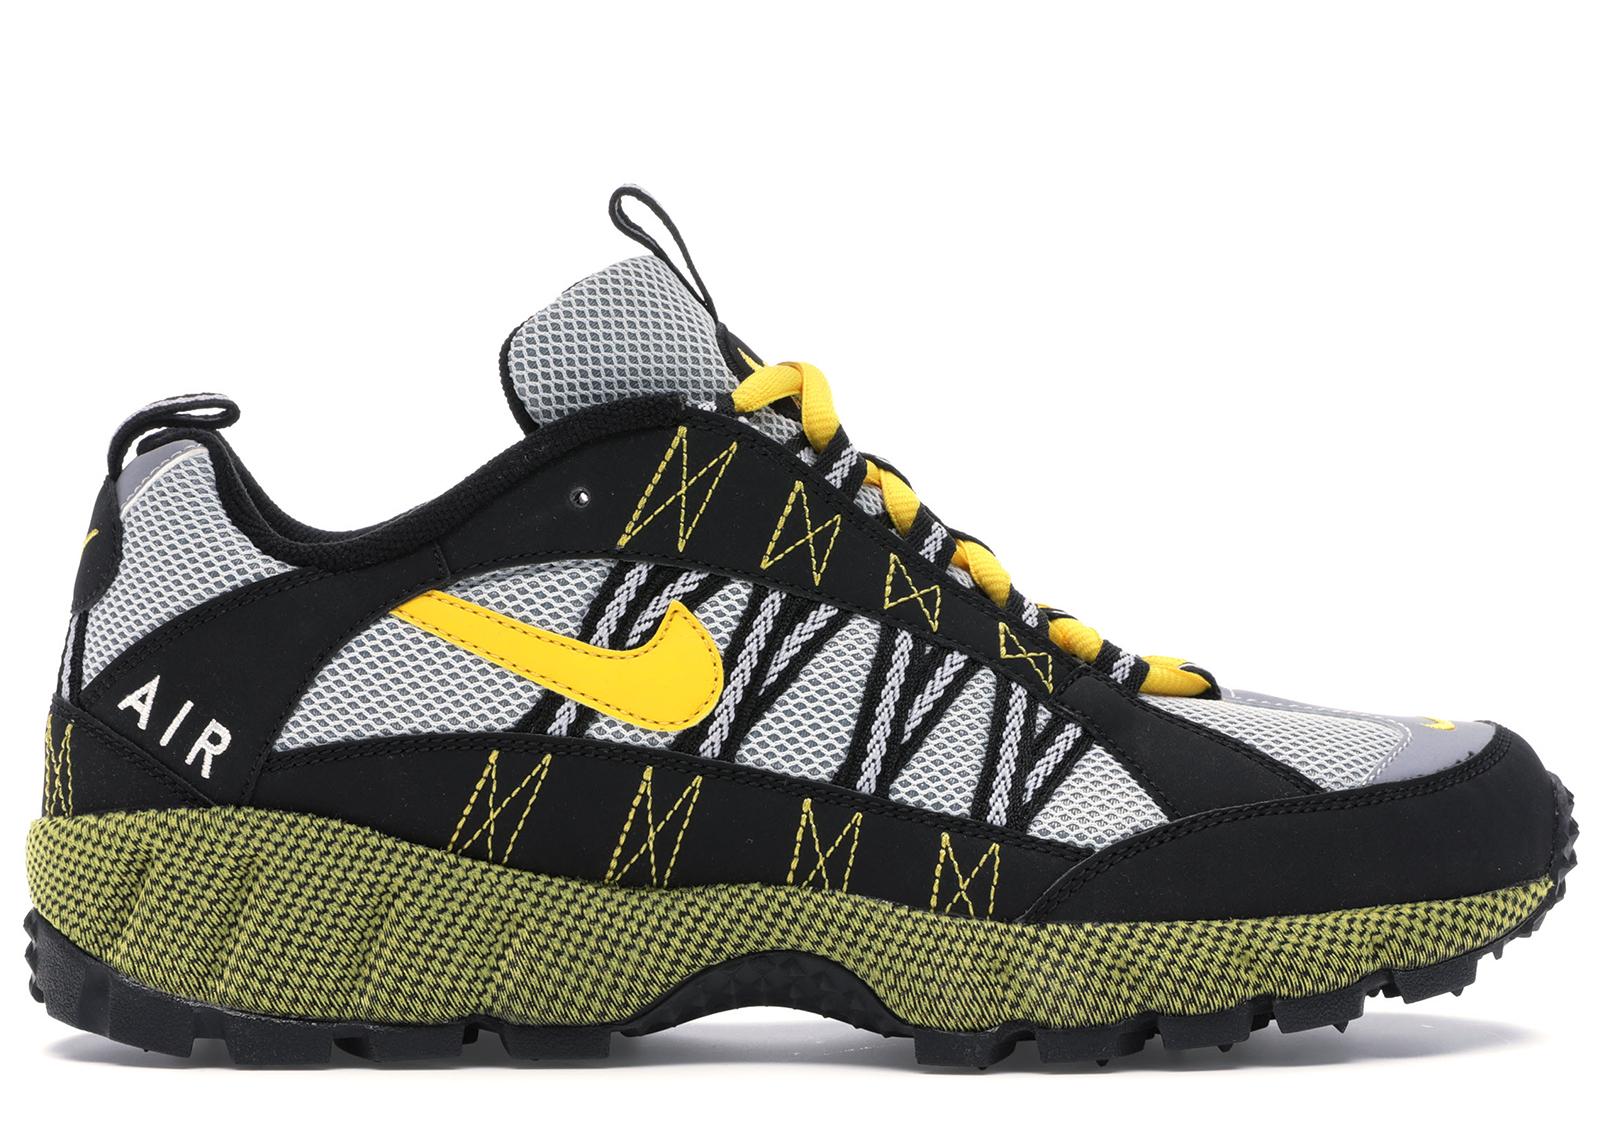 Nike Air Humara 17 Varsity Maize